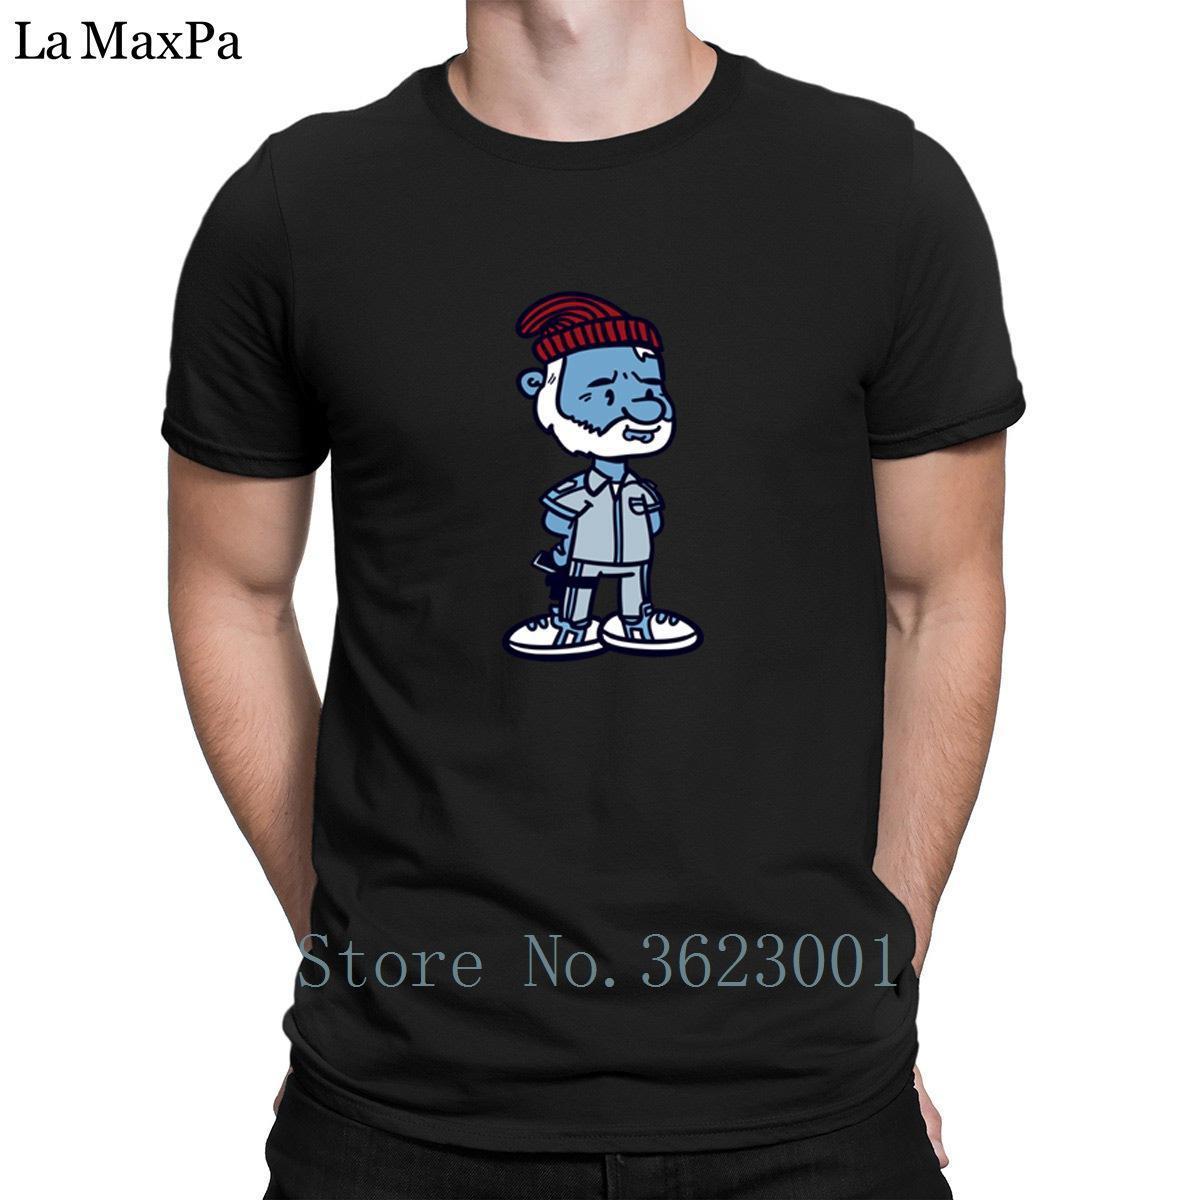 Cartas diseños camiseta para hombres Papá Zissou Camiseta Niza hombres impresionantes de la tapa de la camiseta camiseta de la camiseta tamaño de un hombre estilo euro verano